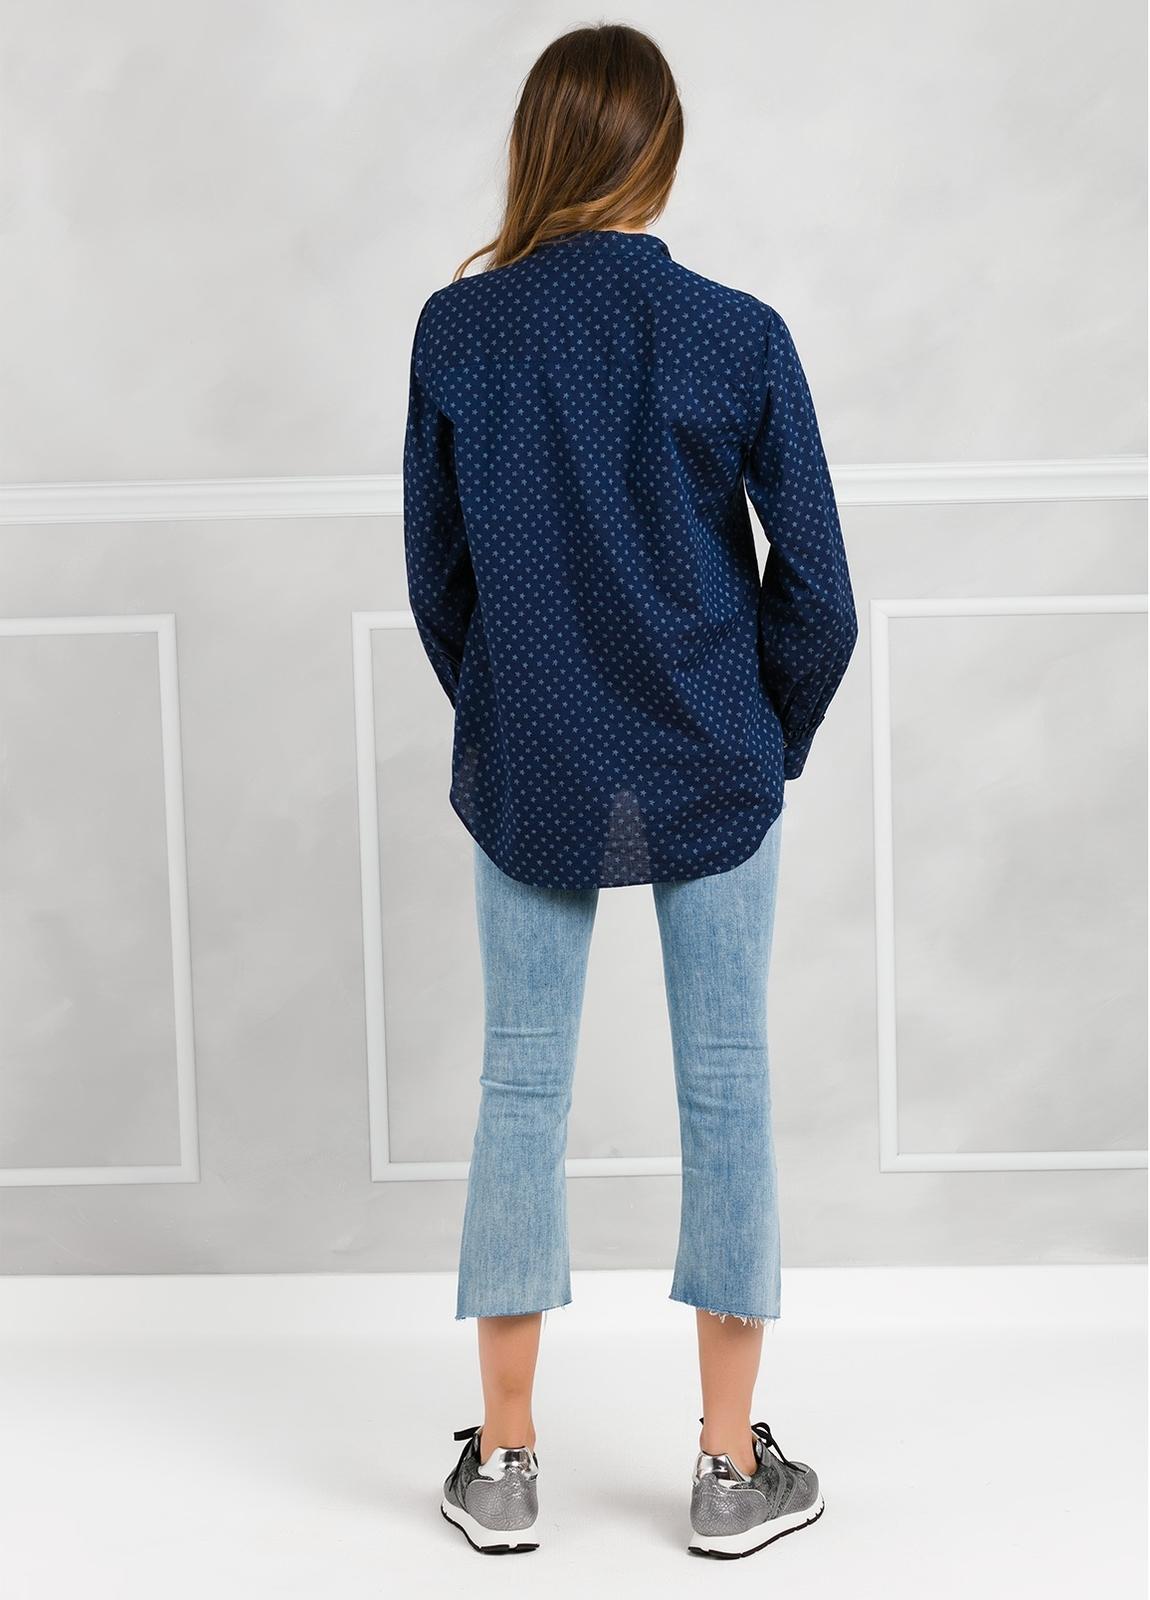 Camisa woman modelo SHEILAJ estampado estrellas color azul tinta. - Ítem4